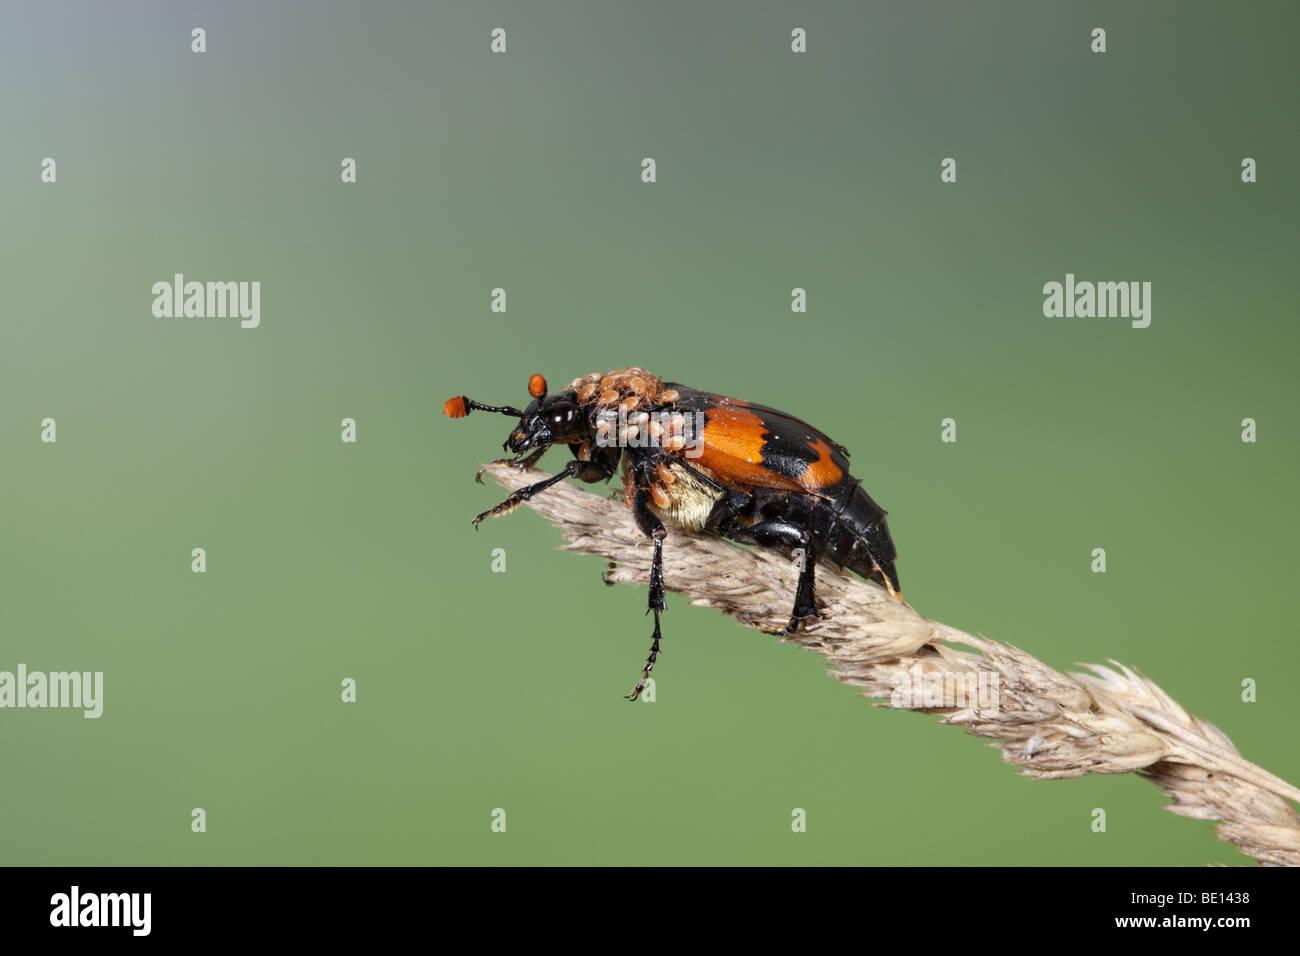 Burying beetle sexton beetle (genus Nicrophorus) - Stock Image